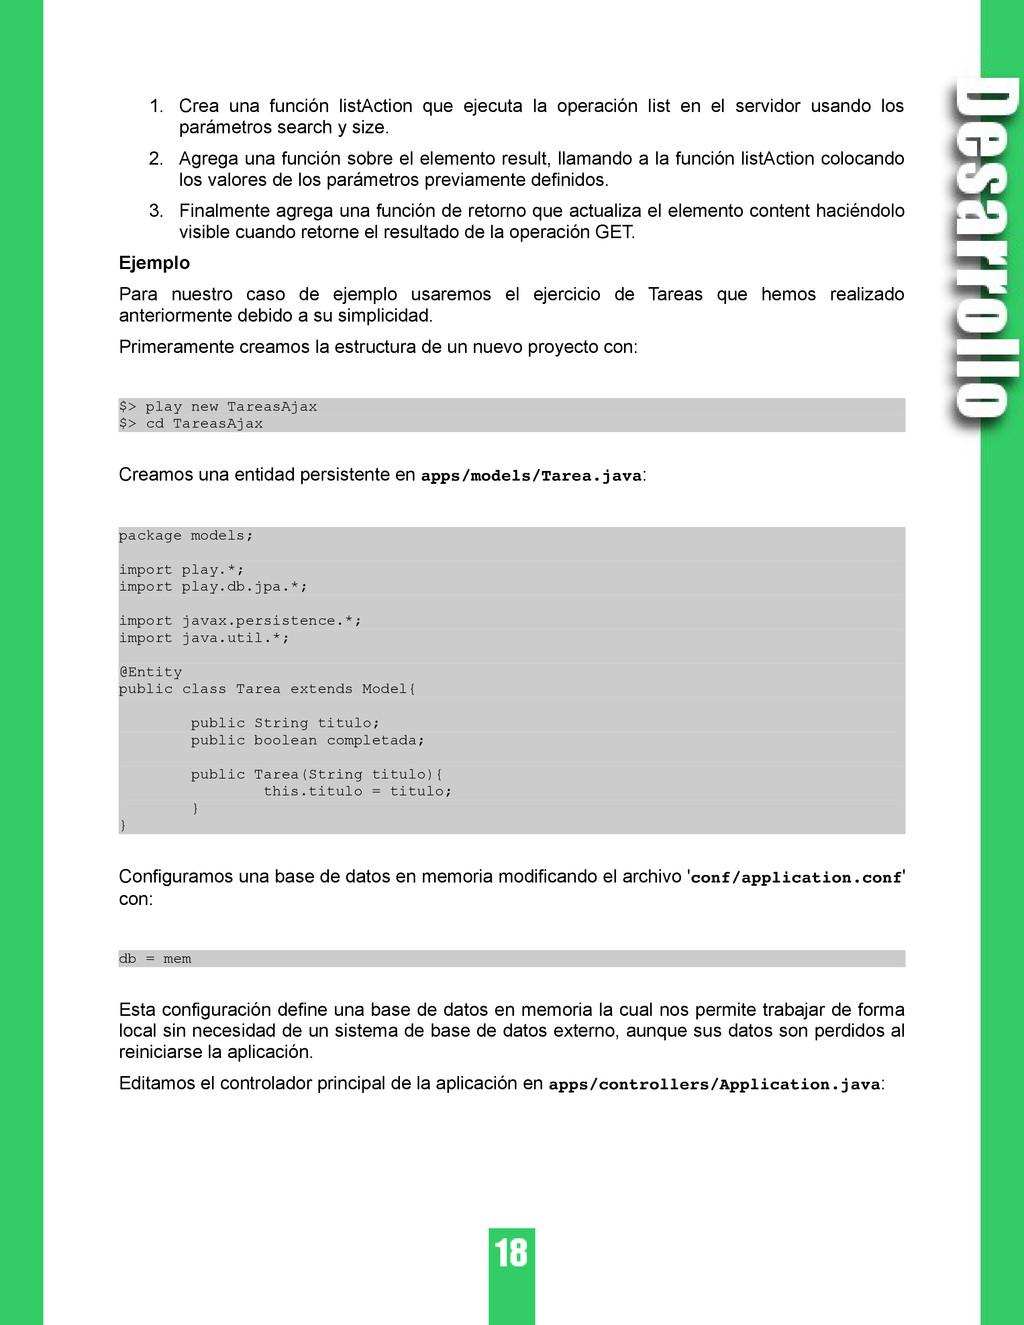 1. Crea una función listAction que ejecuta la o...